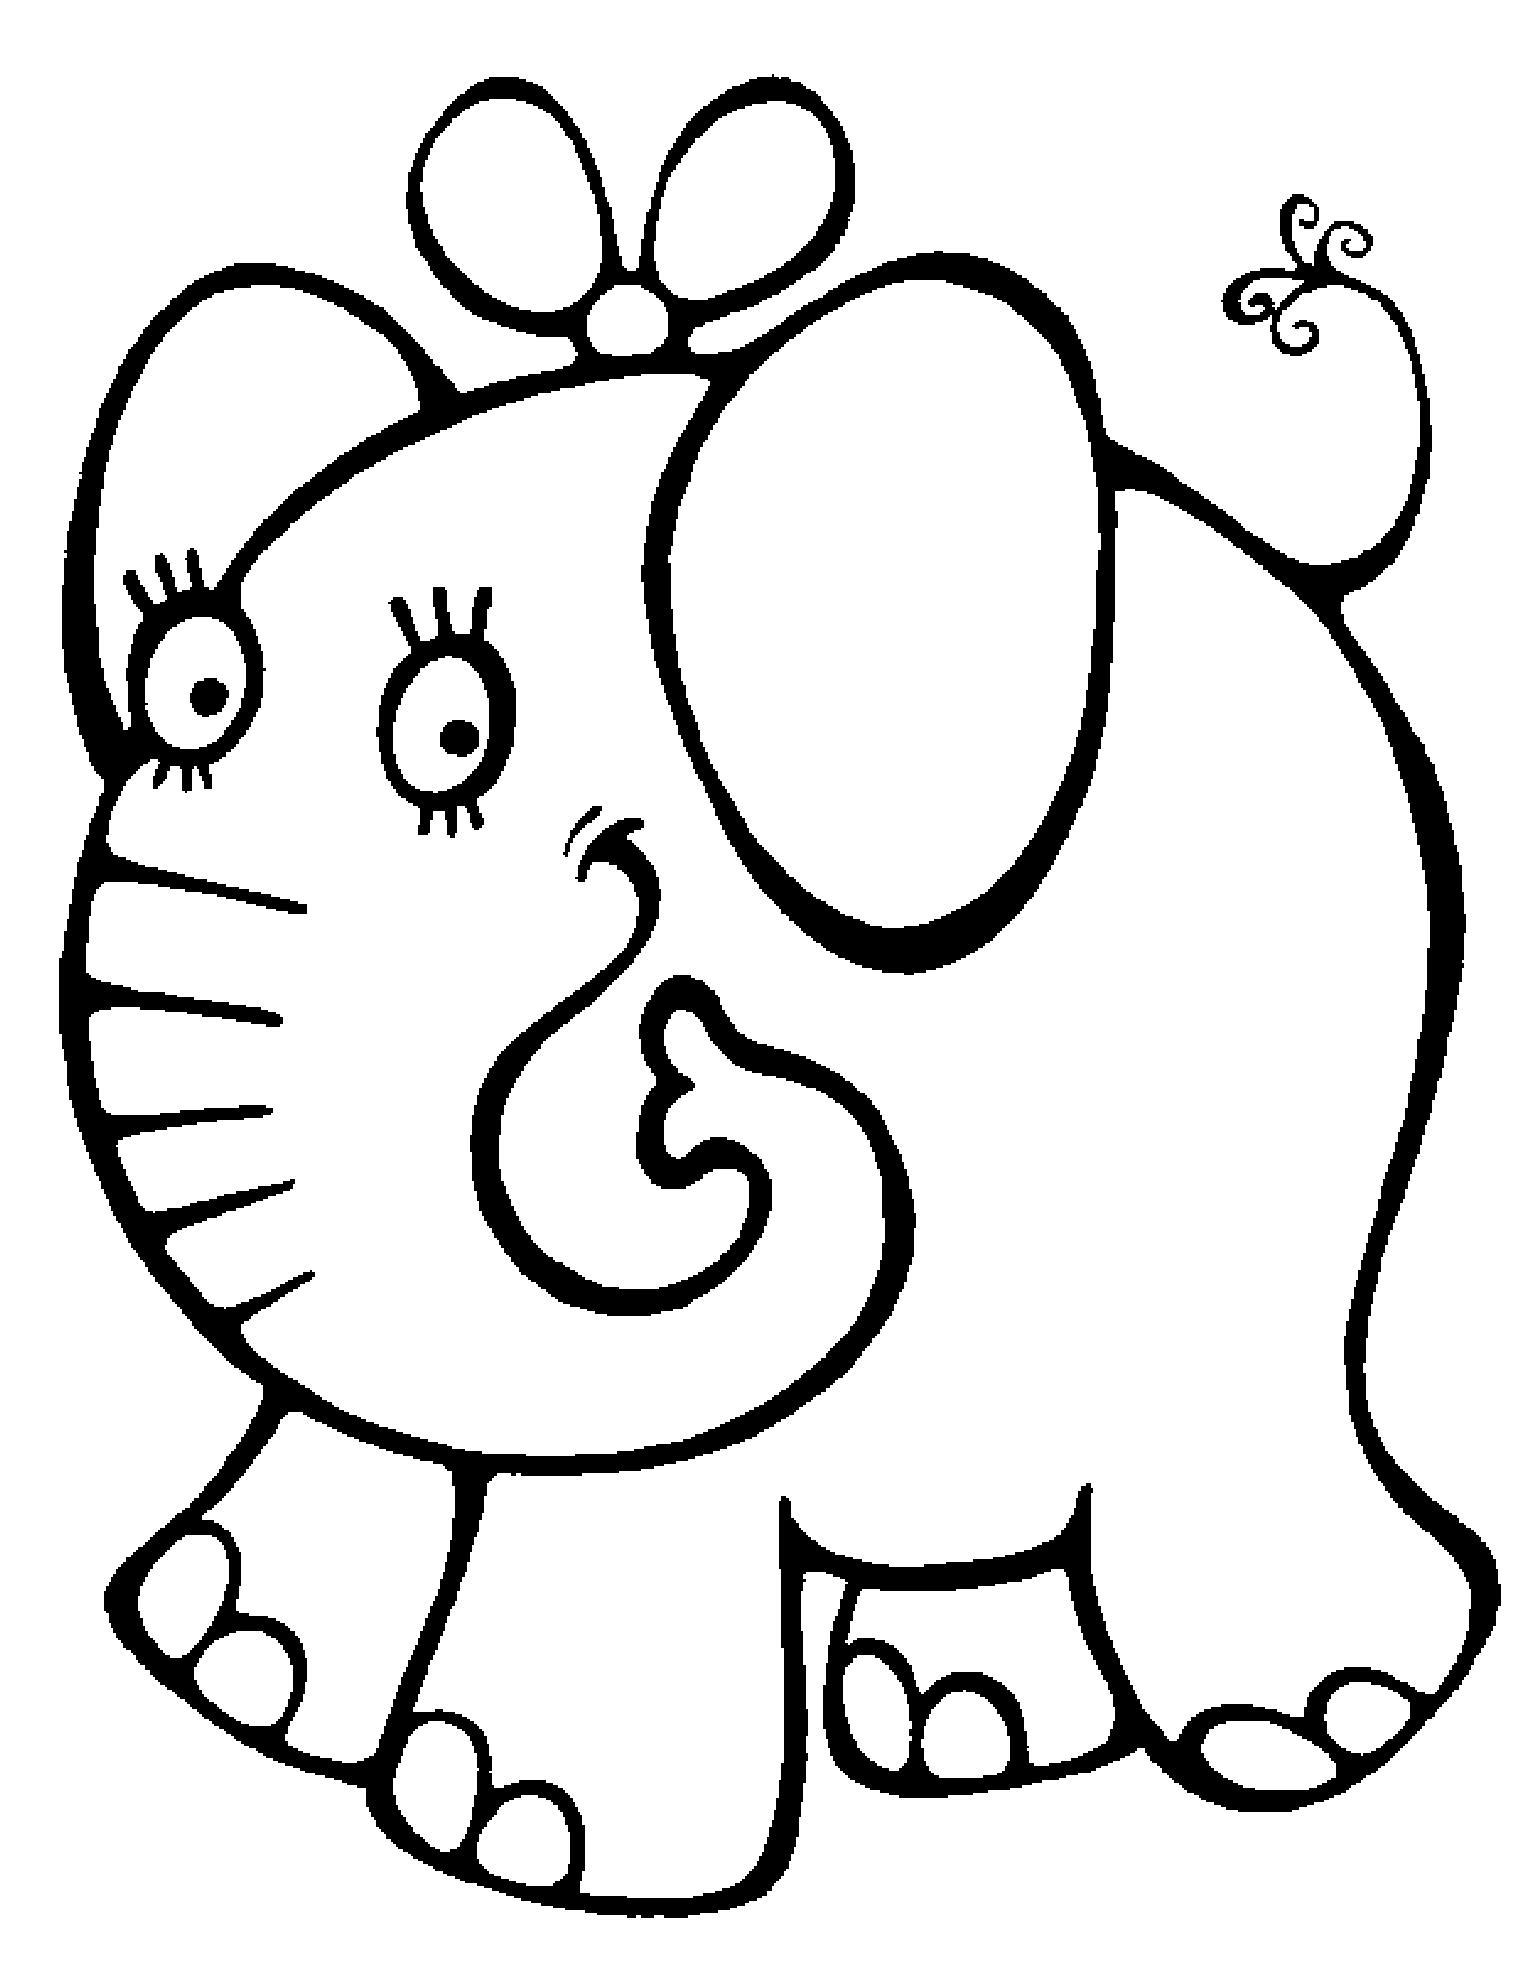 распечатать бесплатные раскраски для детей для самых